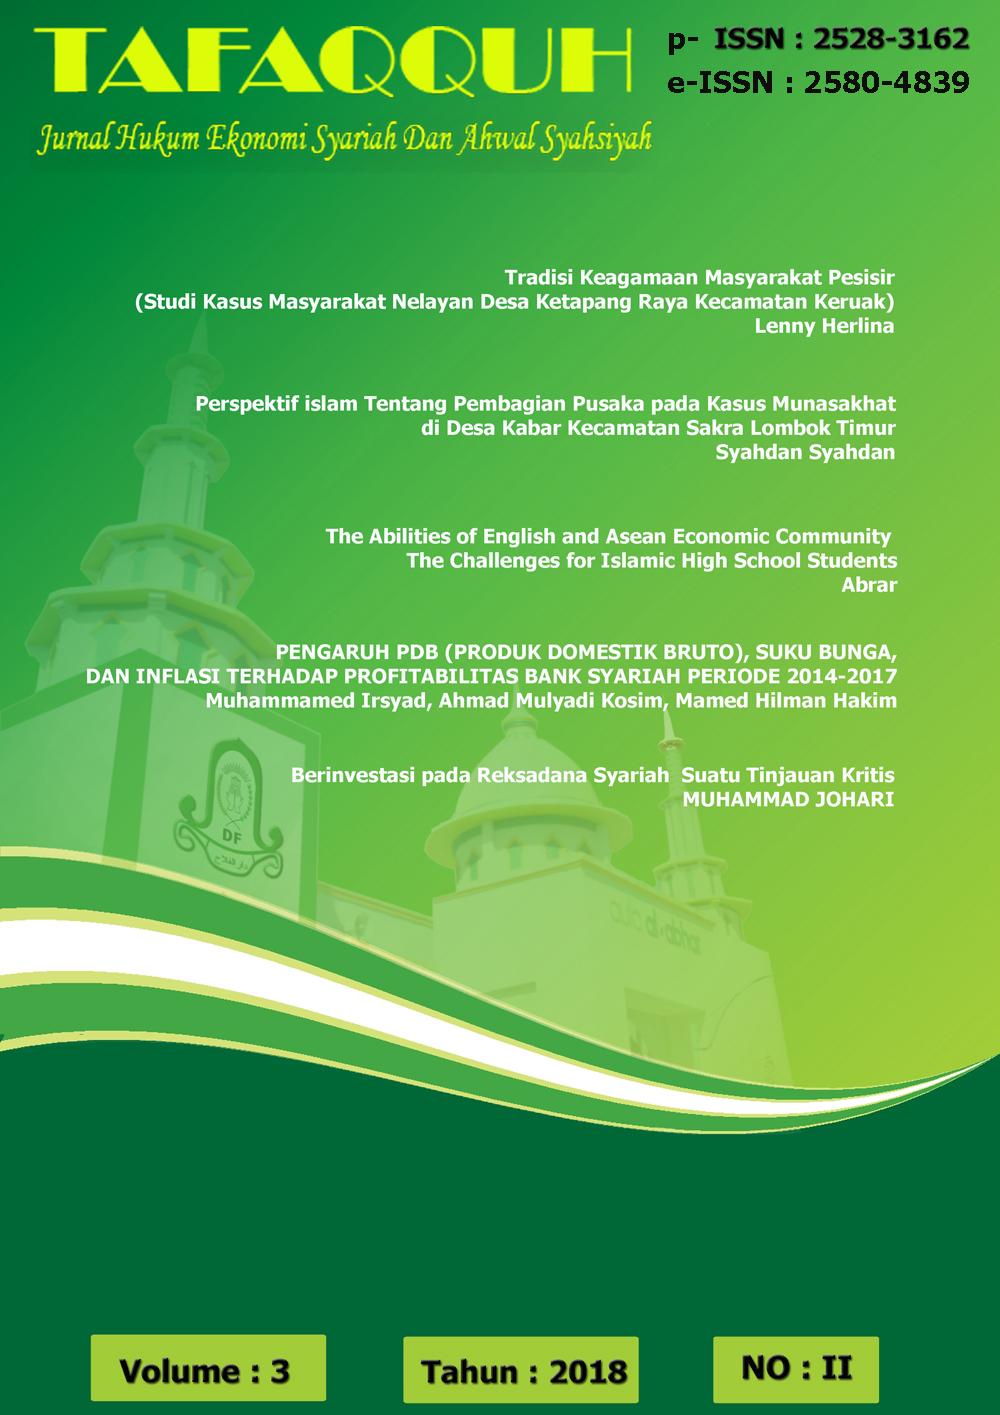 Implementasi Komunikasi Dalam Pendidikan Islam Pada Madrasah